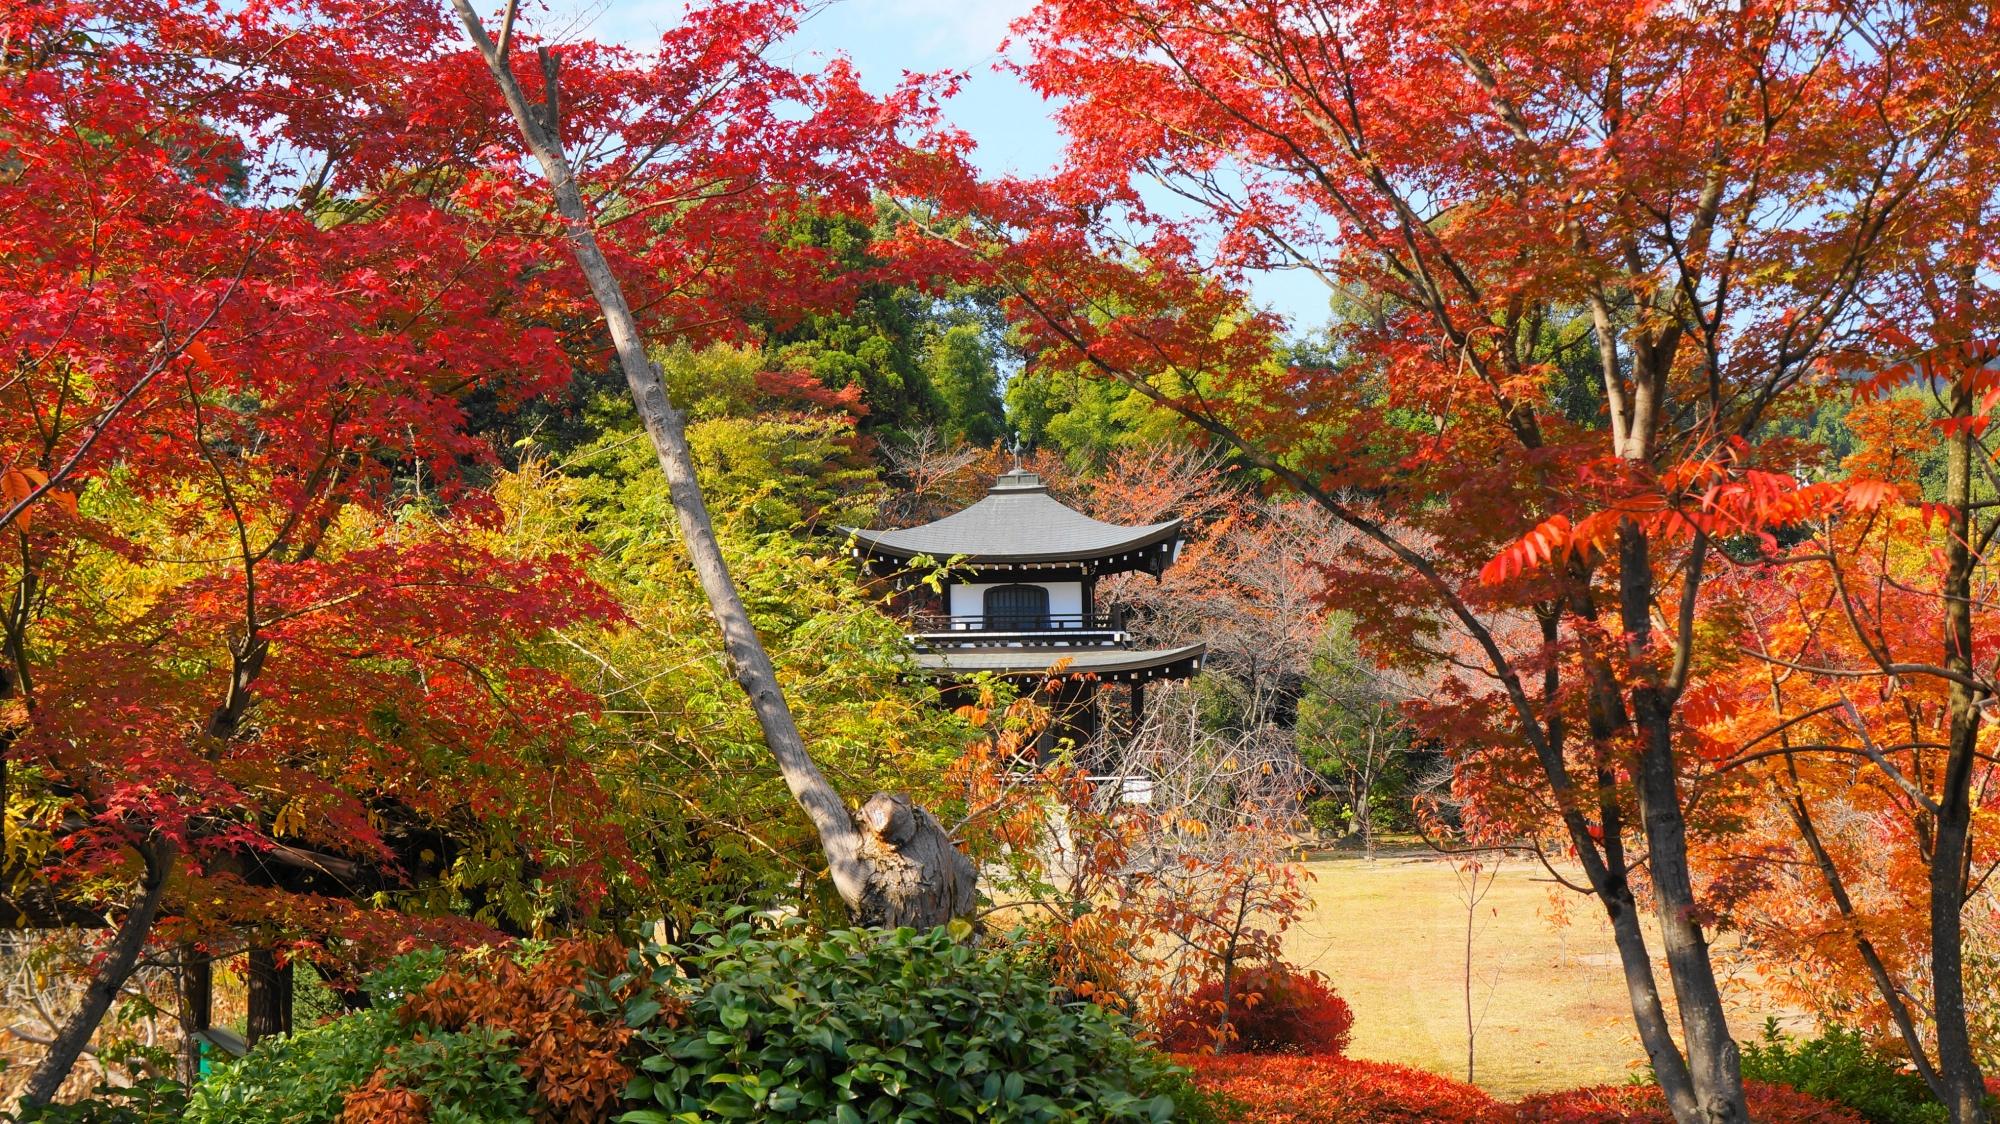 勧修寺の観音堂をつつみこむ紅葉